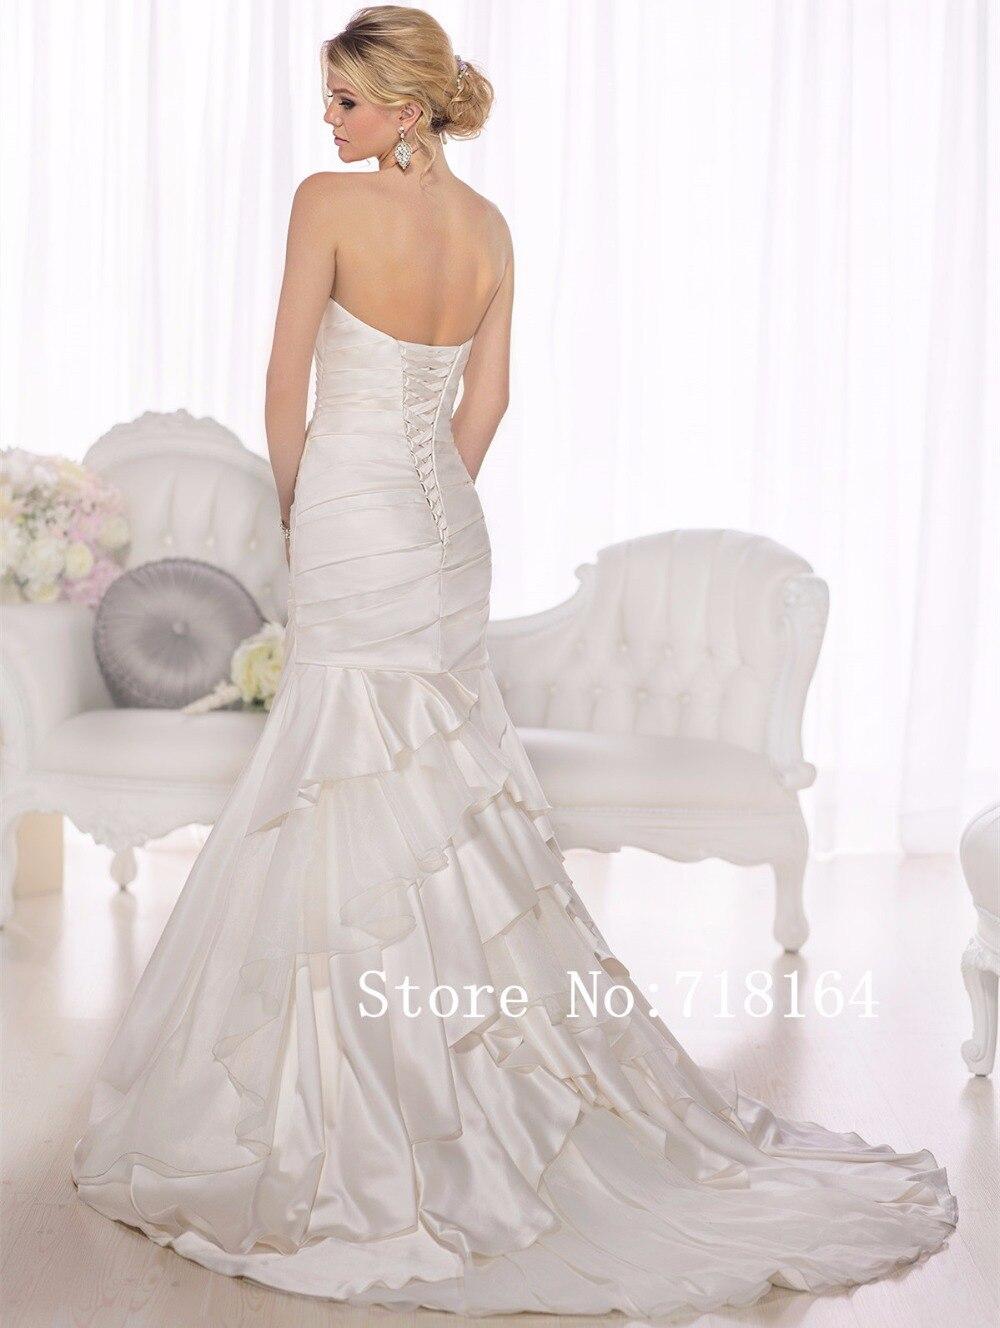 Tolle Hochzeitskleid Store Bilder - Hochzeit Kleid Stile Ideen ...